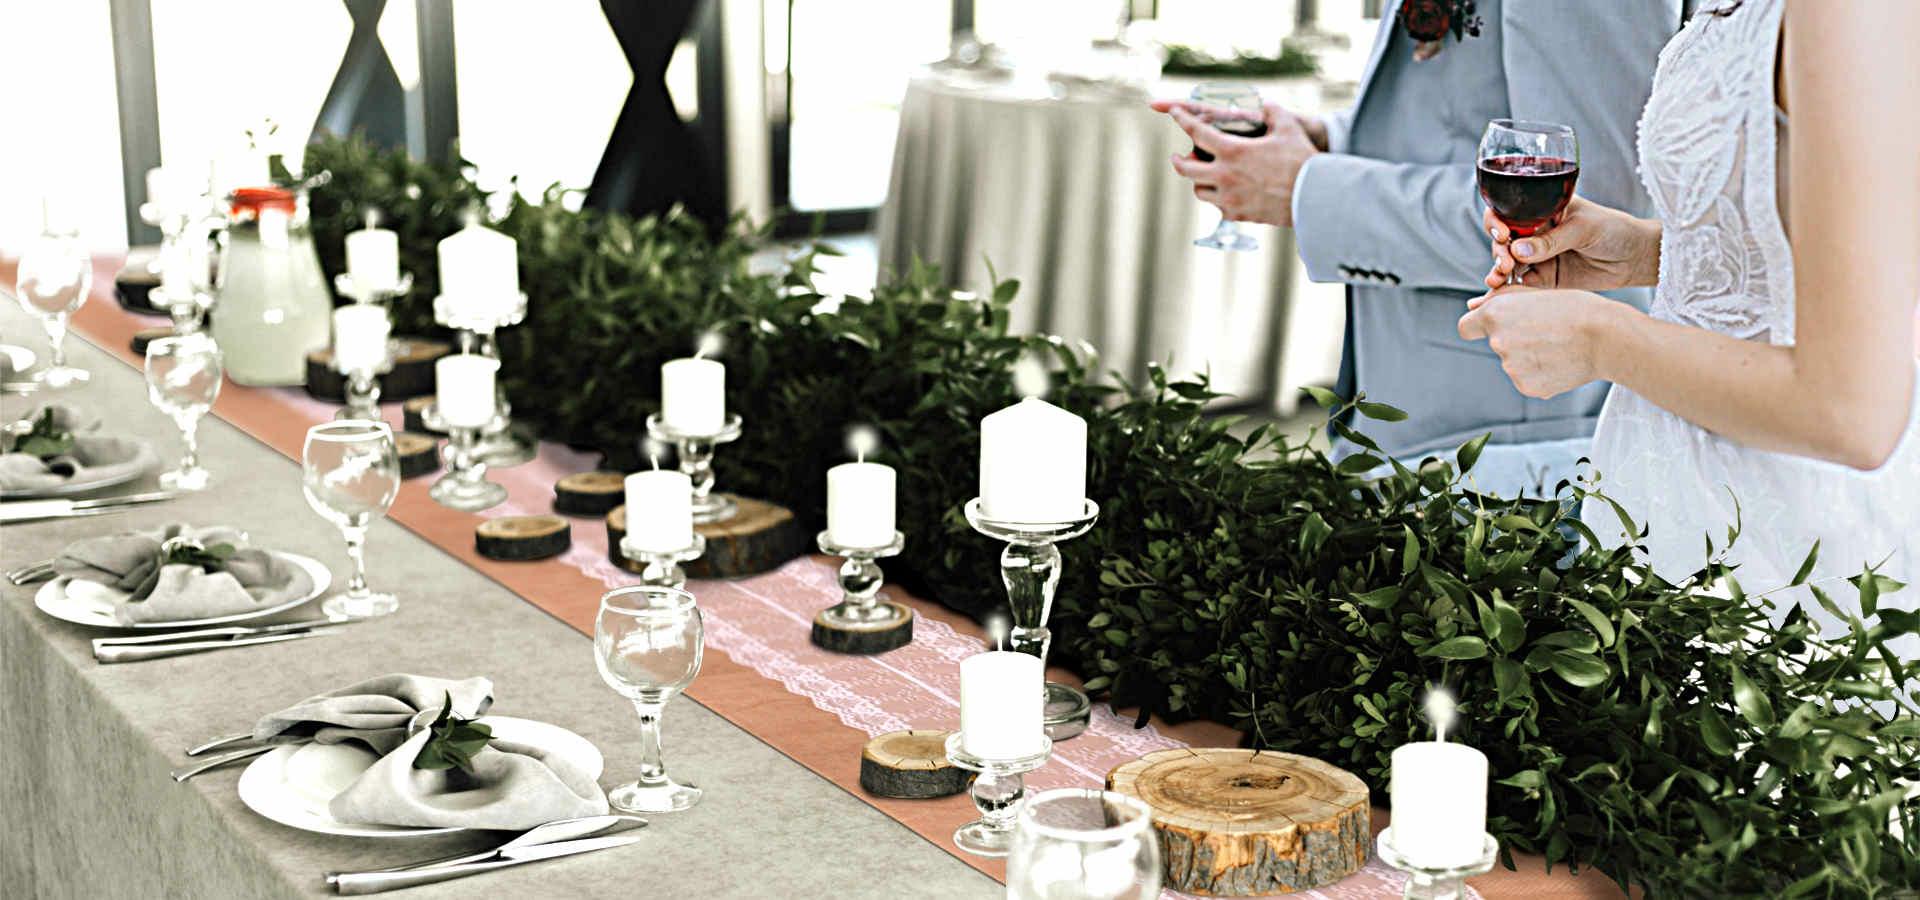 decoration-de-table-mariage-champetre-chic